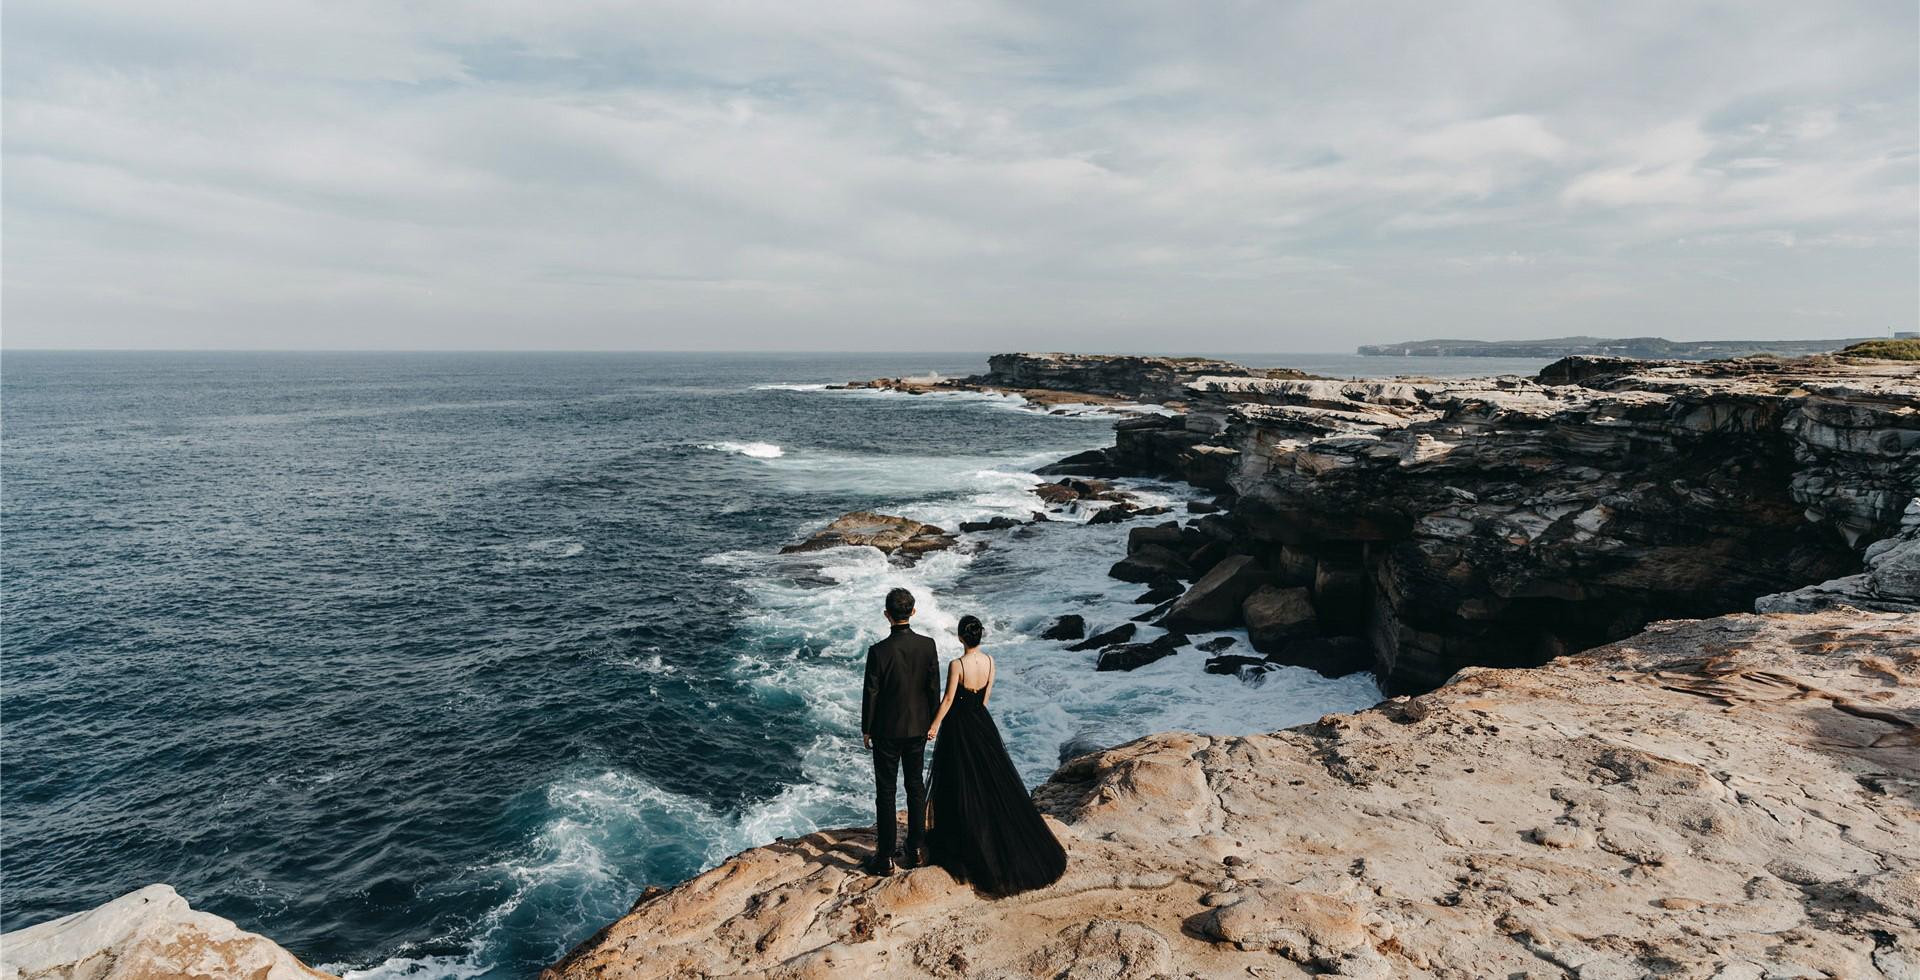 悉尼婚纱摄影,悉尼网红婚纱拍摄点,网红旅拍婚纱照,悉尼婚纱摄影,悉尼婚纱照,澳洲旅拍